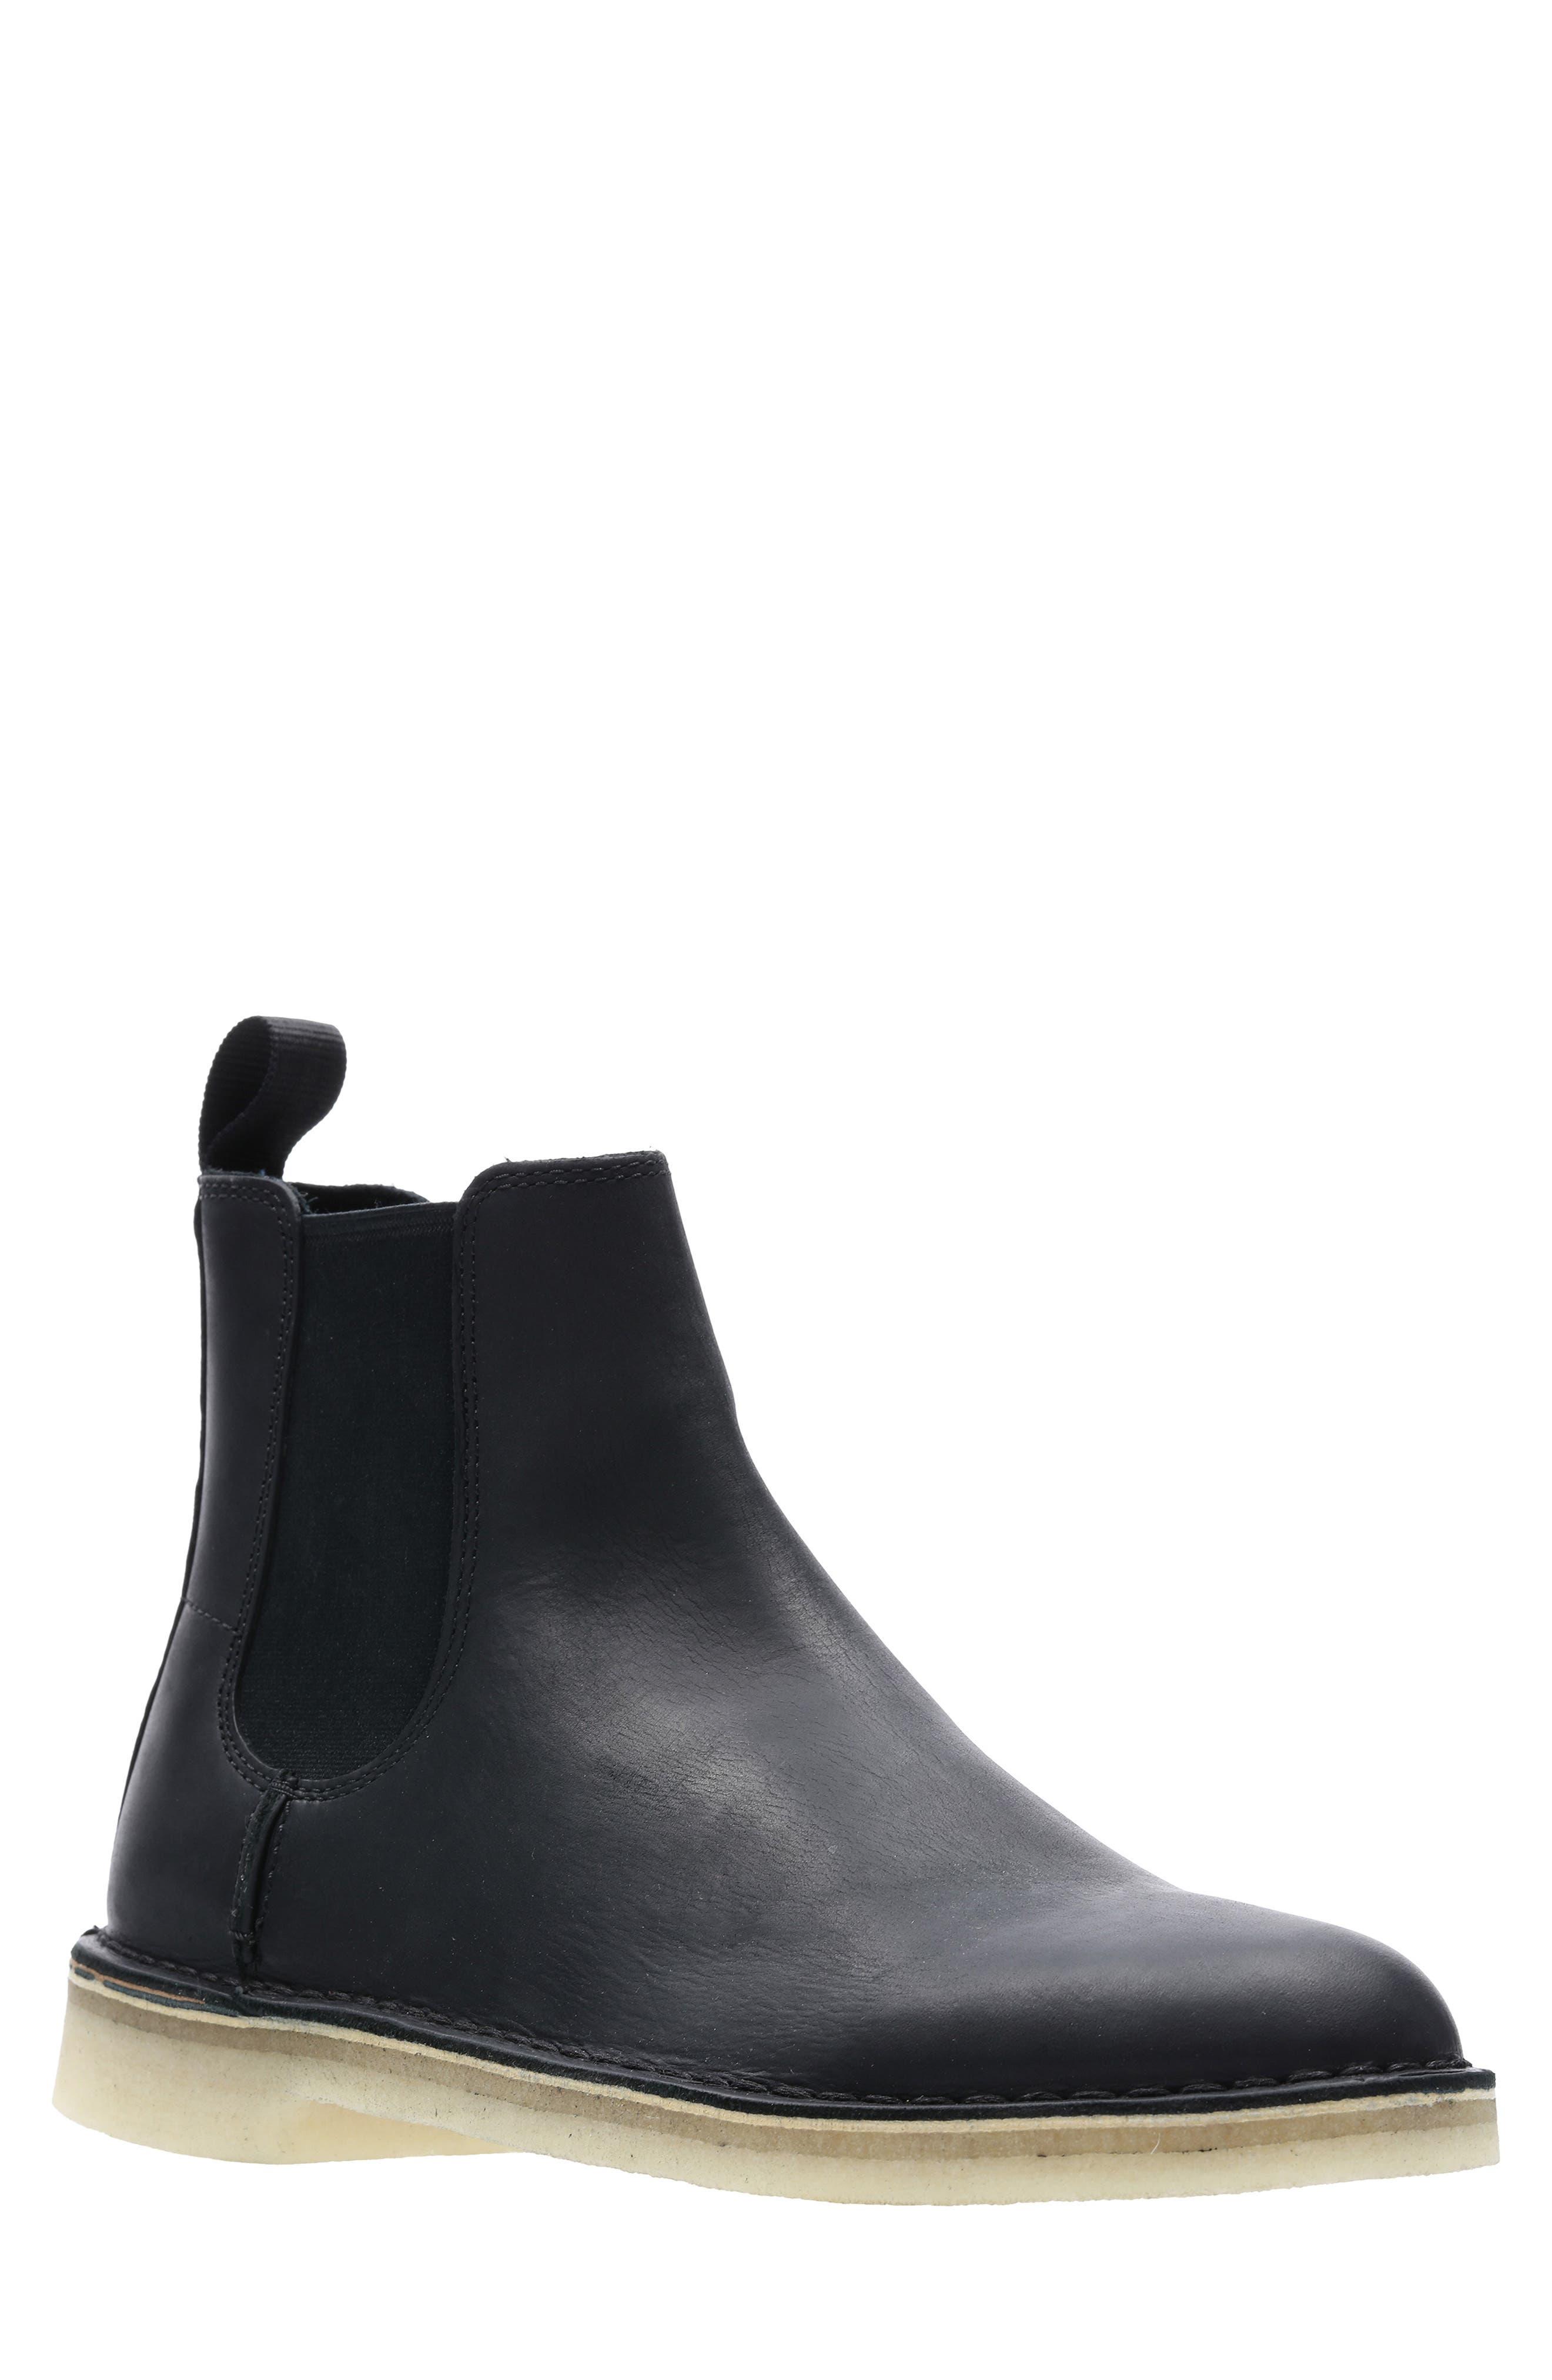 Clarks Desert Peak Chelsea Boot, Black